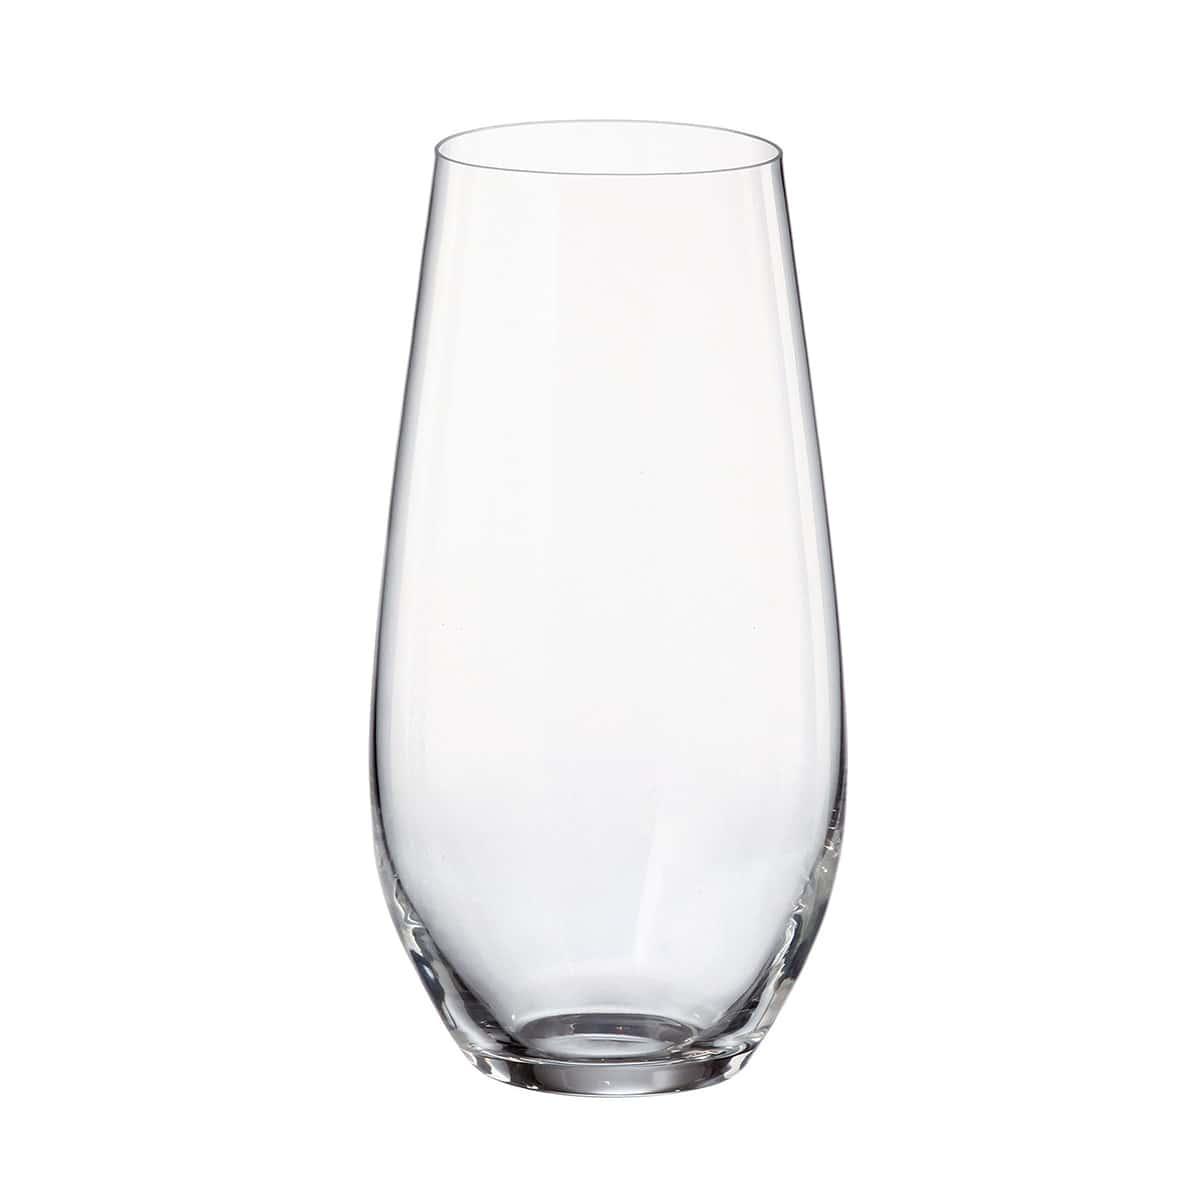 Набор стаканов для воды Columba Crystalite Bohemia 580 мл(6 шт)